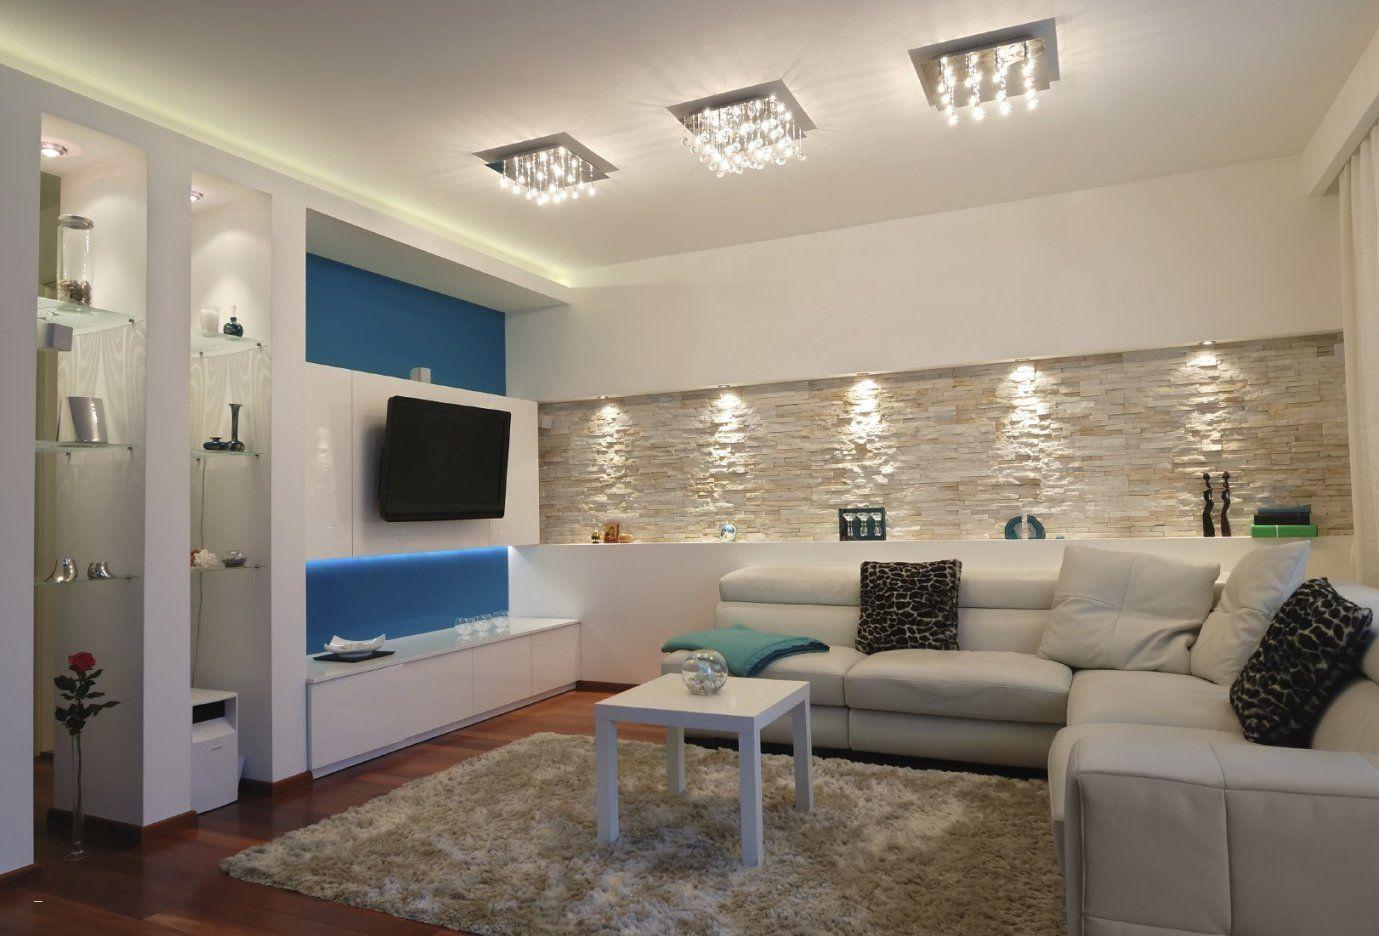 Moderne Lampen Für Wohnzimmer Genial Awesome Indirekte Beleuchtung von Moderne Lampen Für Wohnzimmer Bild